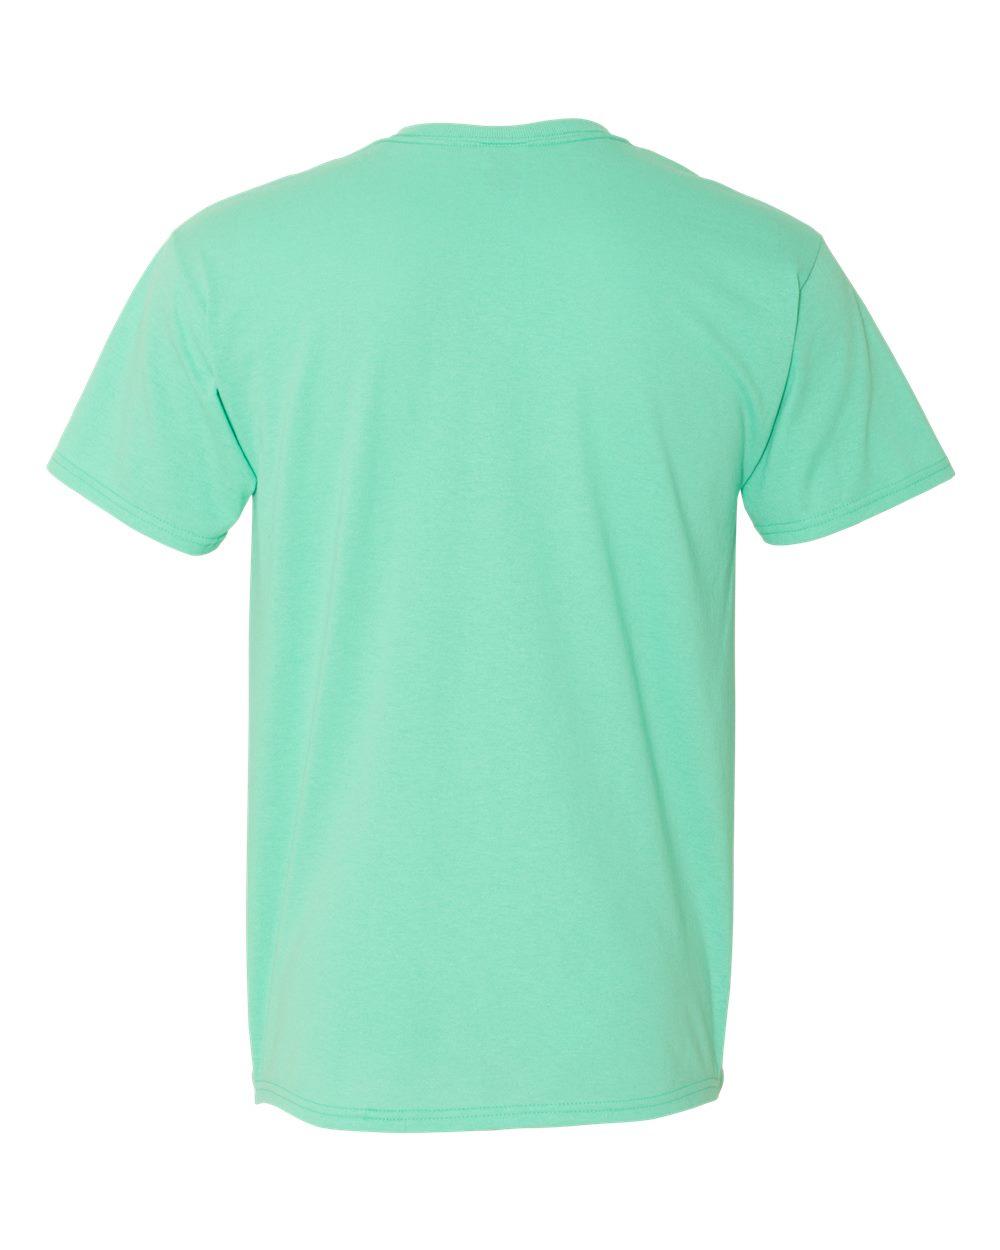 Jerzees-Men-039-s-5-6-oz-50-50-Heavyweight-Blend-T-Shirt-29M-S-4XL thumbnail 58